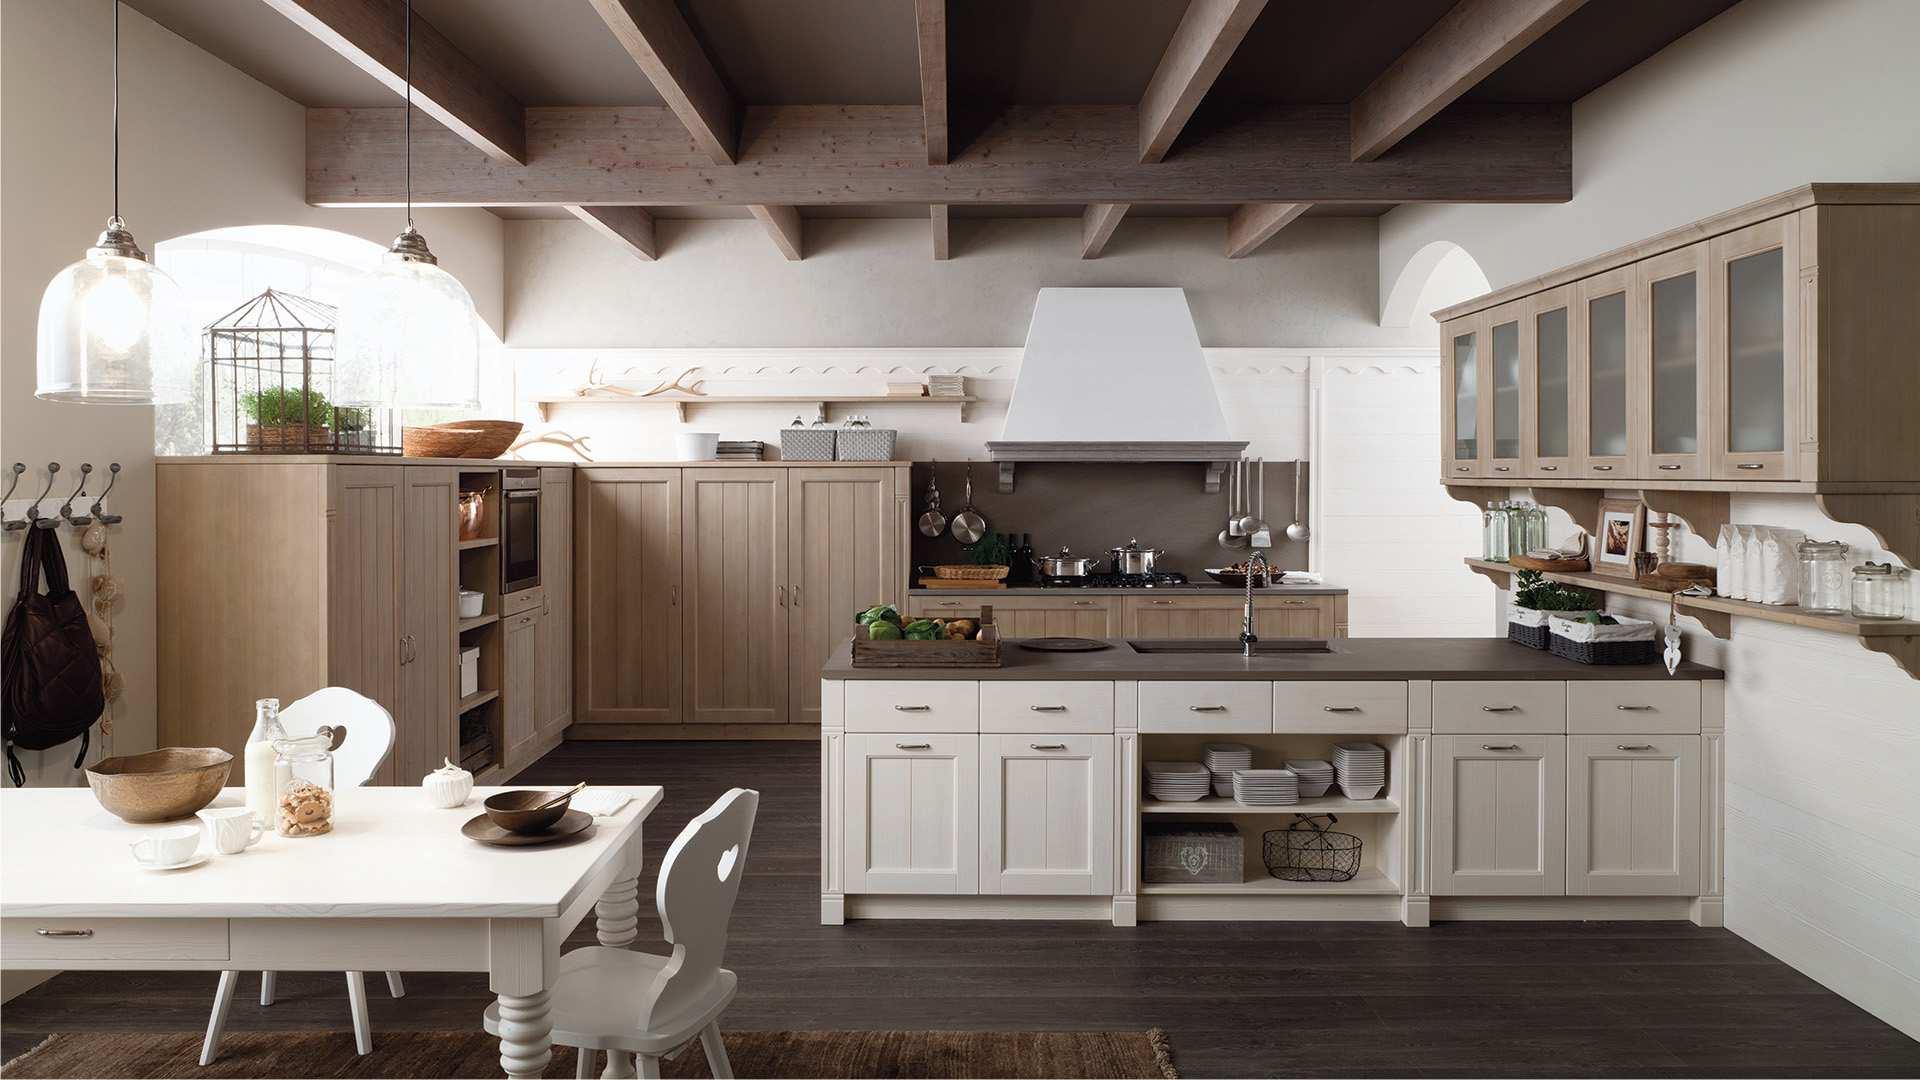 Cucine in legno massello (home)